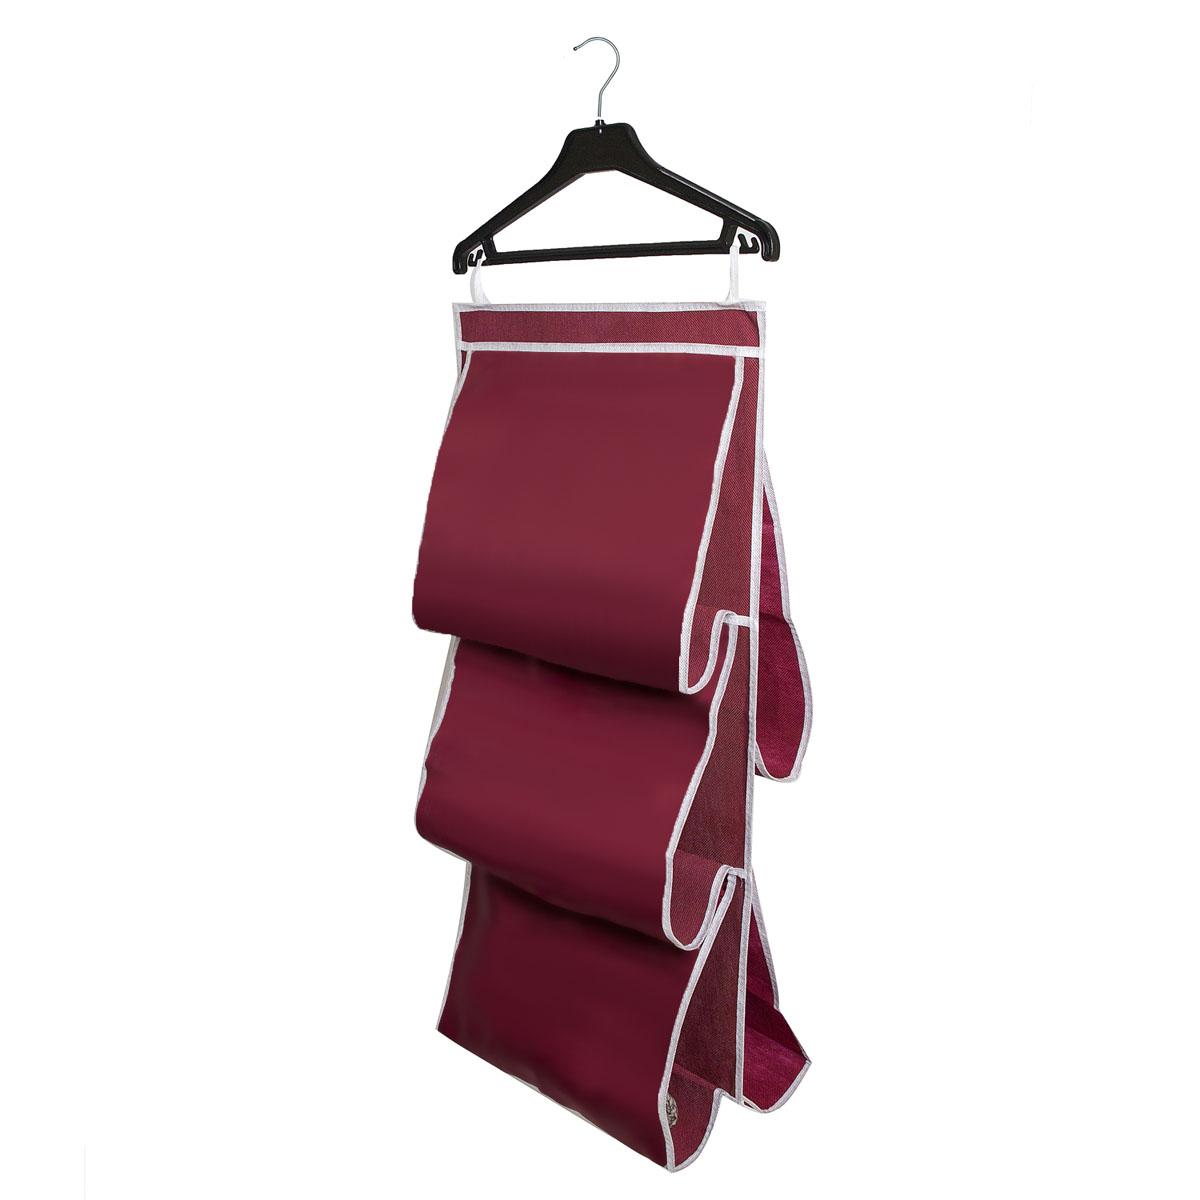 Органайзер для сумок Homsu Red Rose, 5 отделений, 40 х 70 см12723Органайзер для хранения сумок Homsu Red Rose изготовлен из полиэстера. Изделие имеет 5 отделений, его можно повесить в удобное место за крючки. Такой компактный и удобный в каждодневном использовании аксессуар, как этот органайзер, размещающийся в пространстве шкафа, на плоскости стены или дверей.Практичный и удобный органайзер для хранения сумок.Размер чехла: 40 х 70 см.